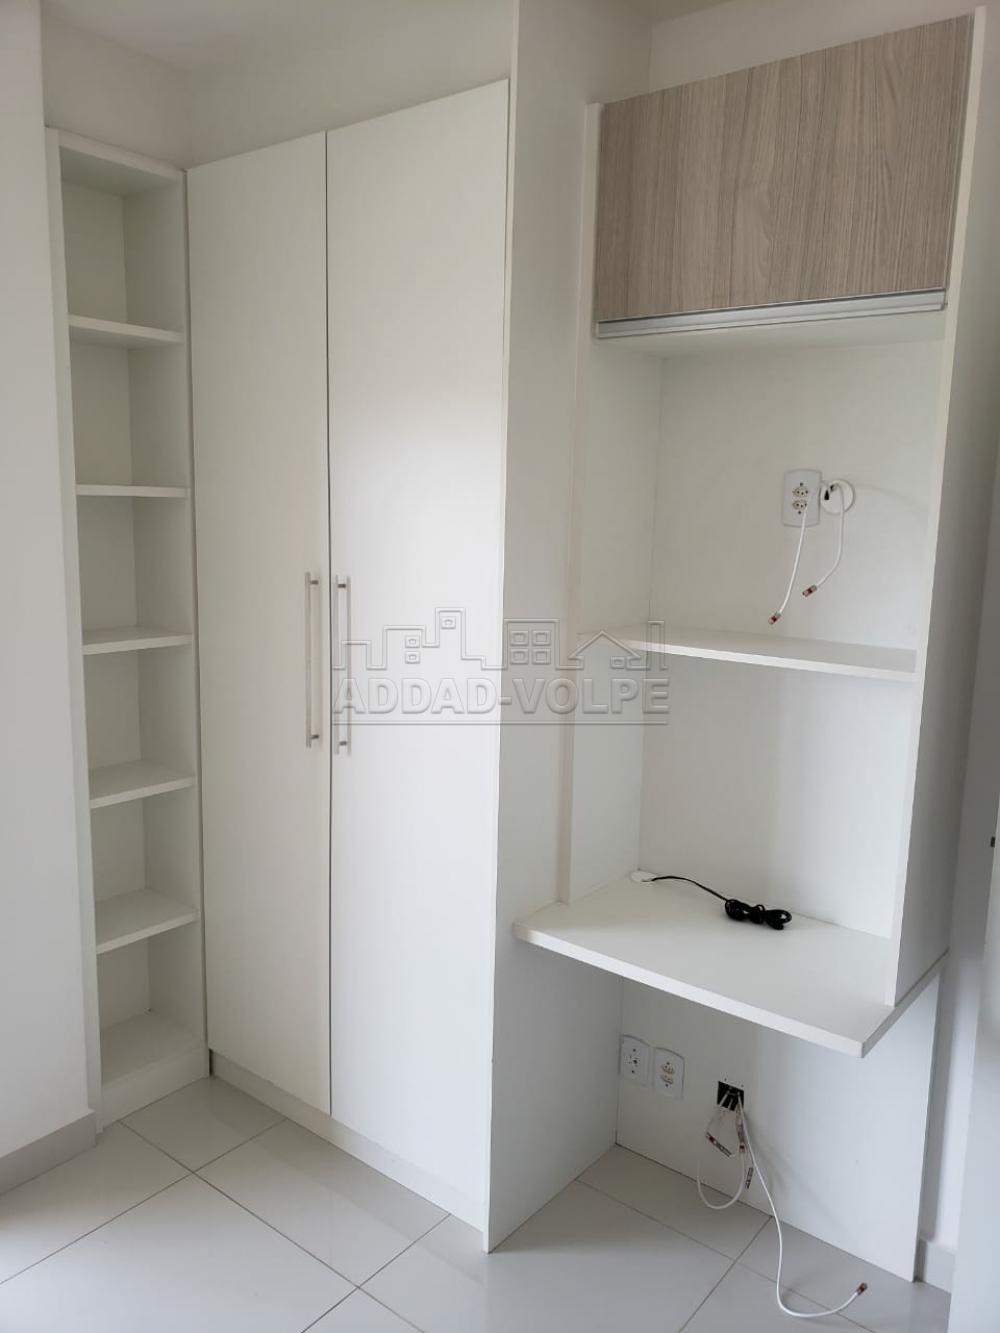 Alugar Apartamento / Padrão em Bauru R$ 1.900,00 - Foto 11